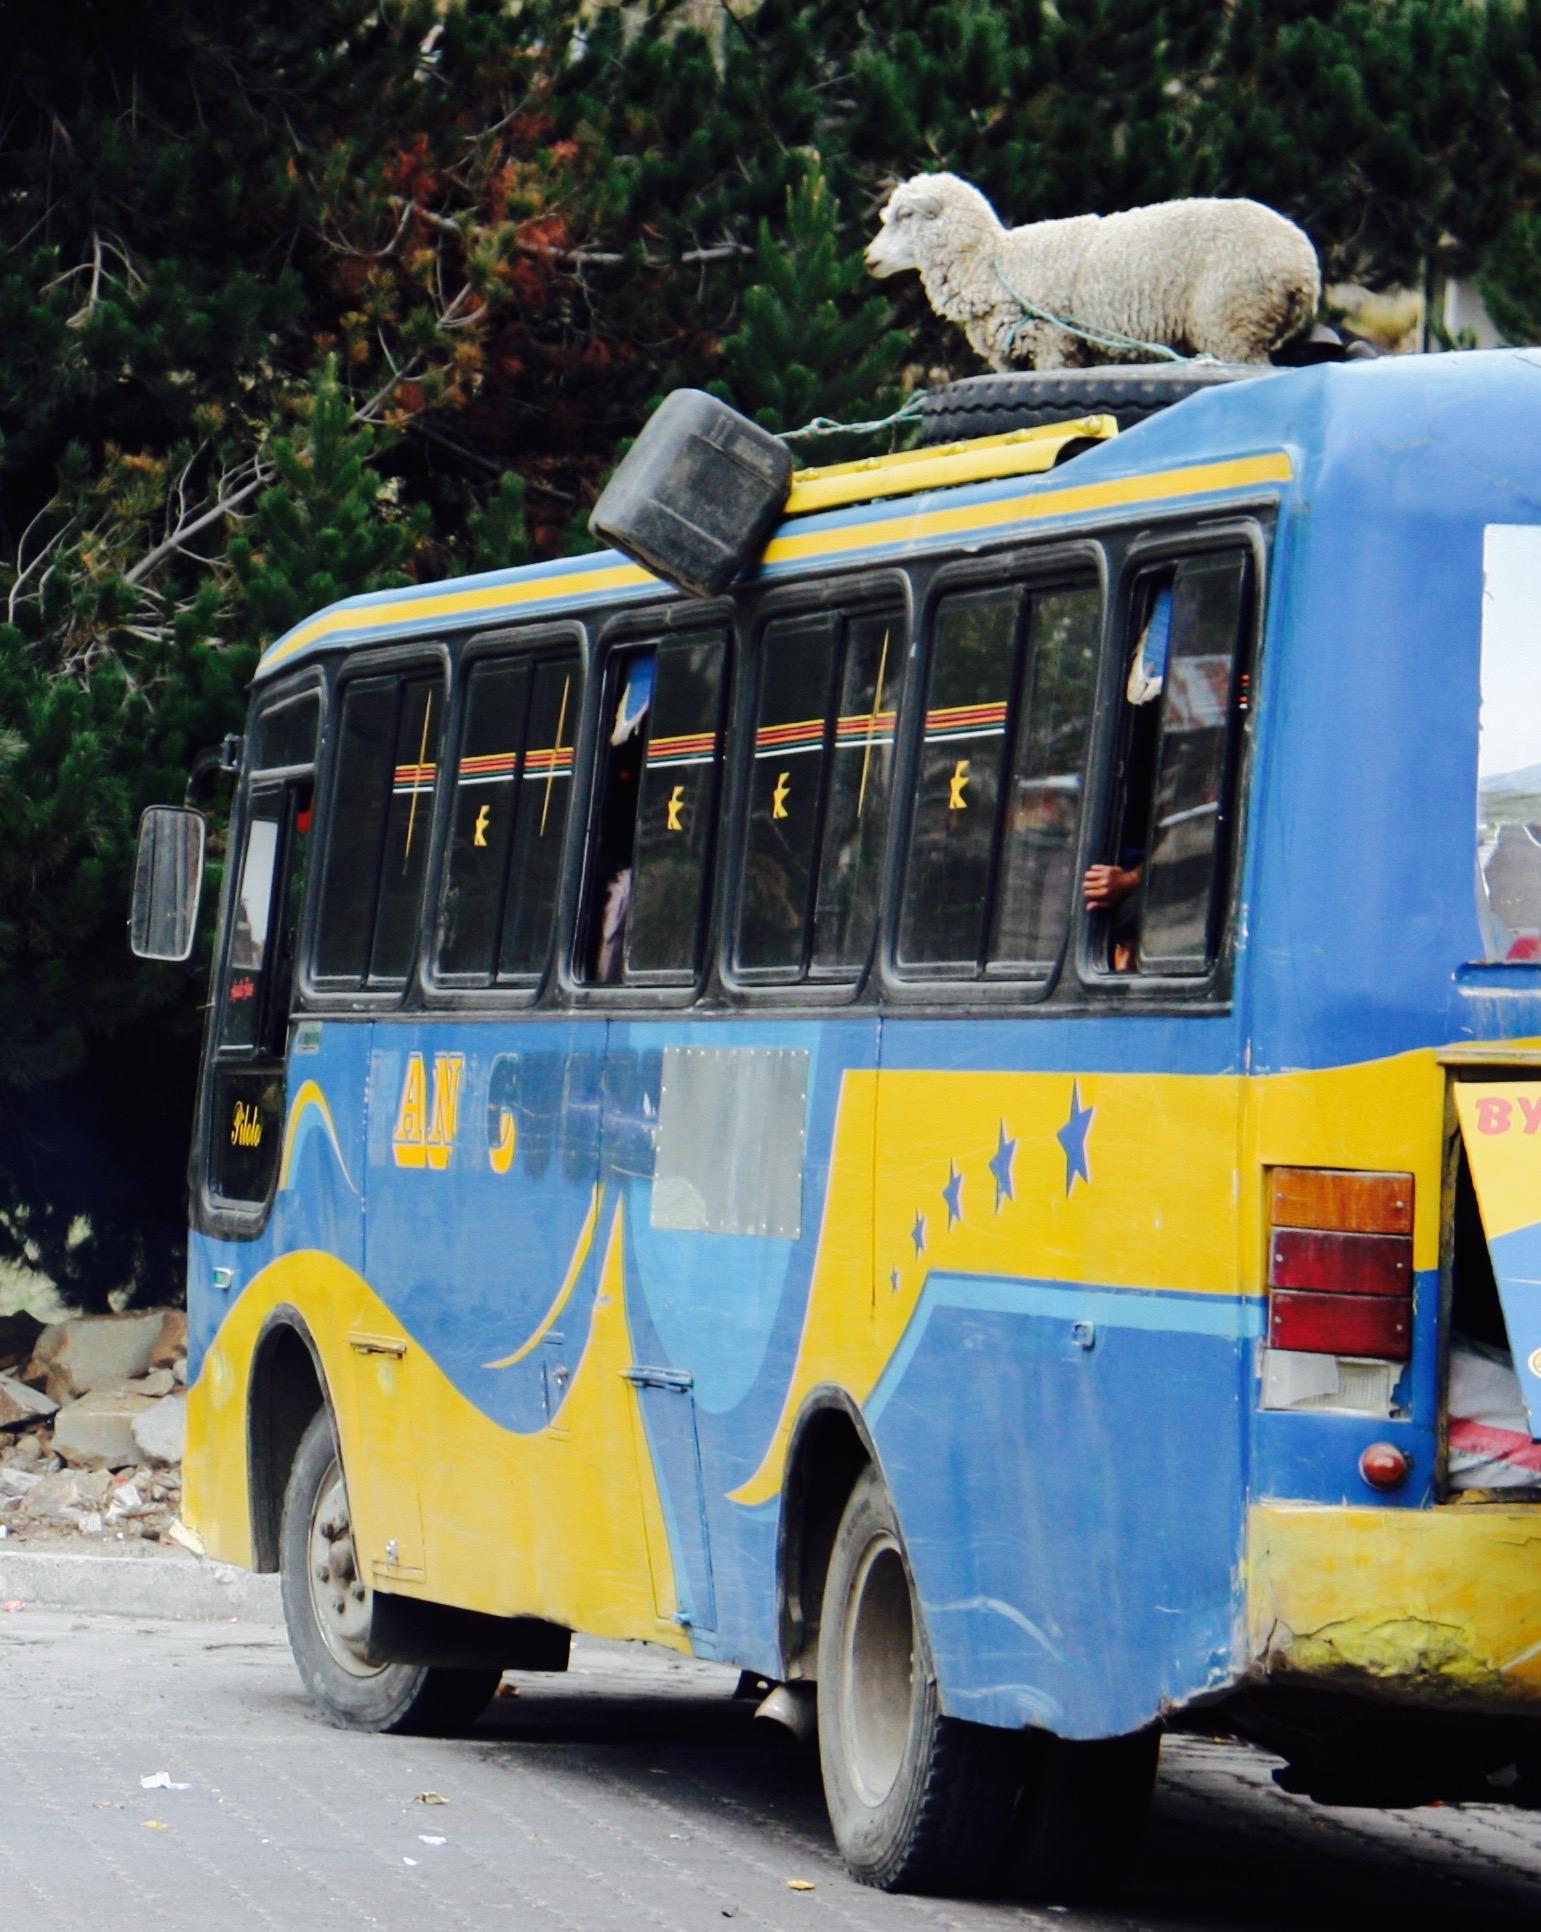 Sheep riding on bus, Ecuador - 3 Days*